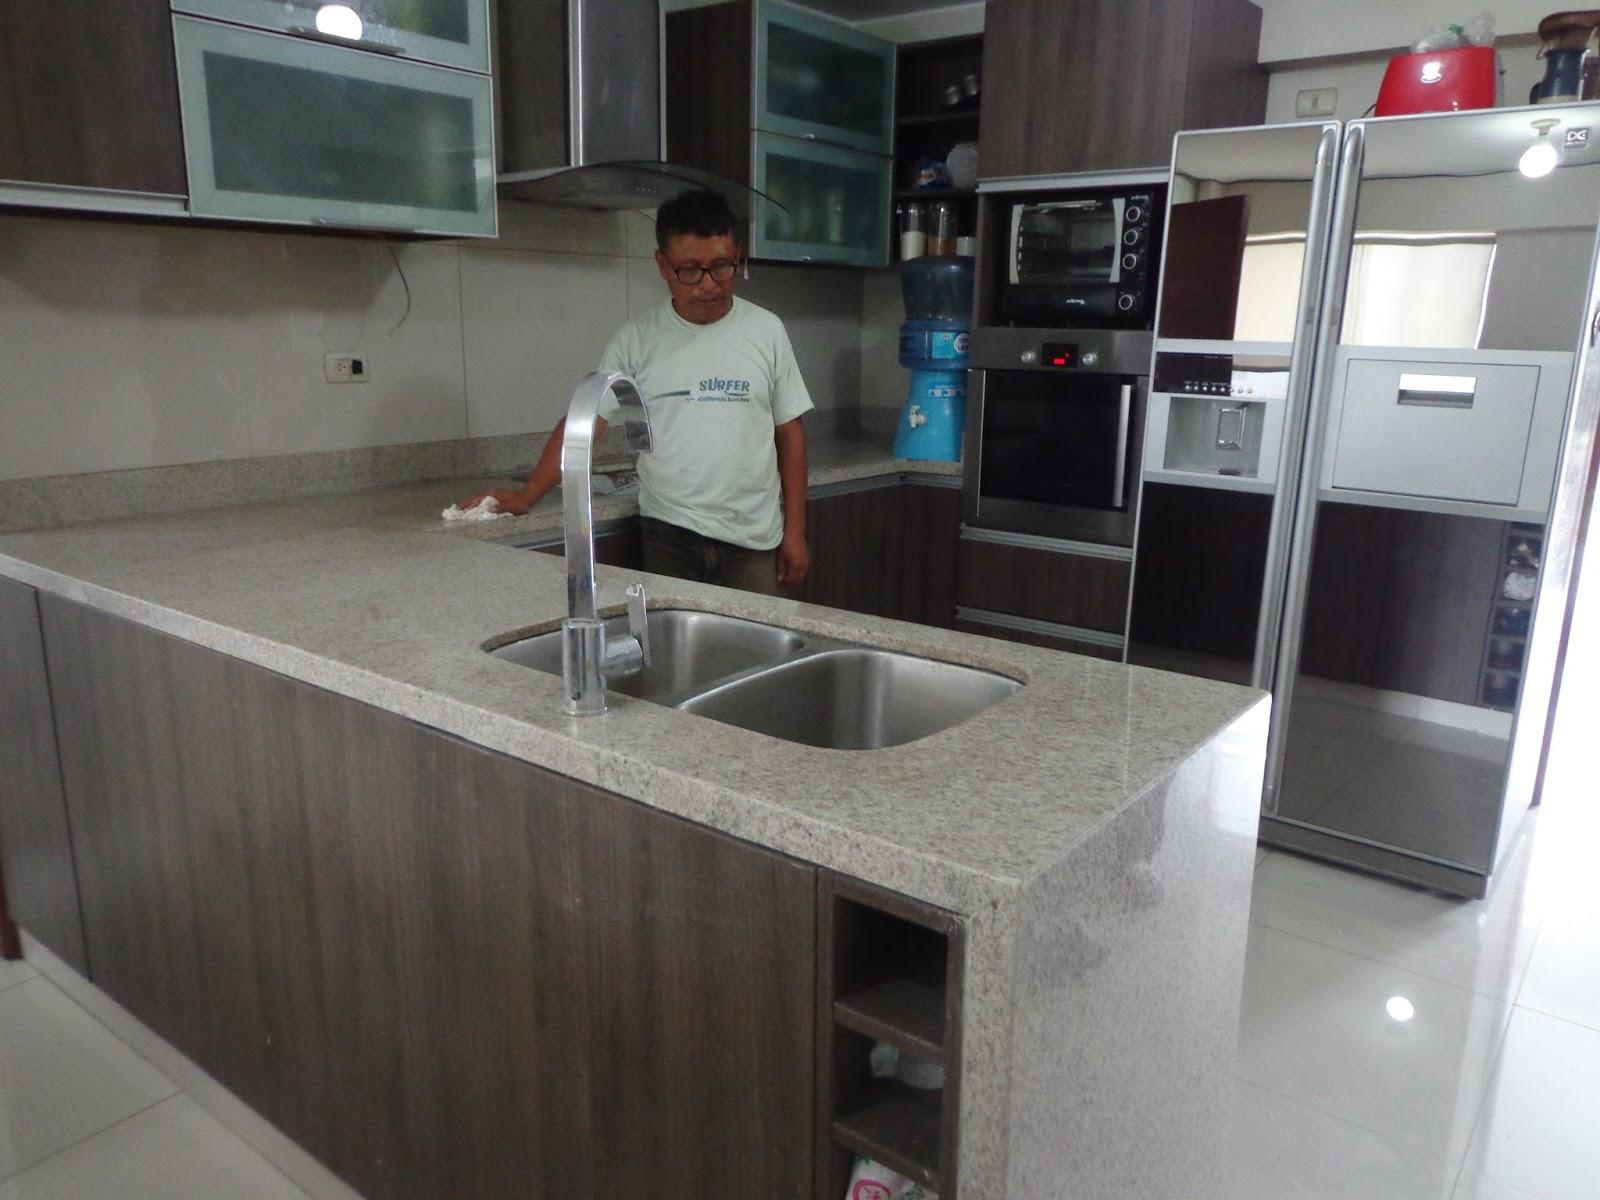 Islas cocina granito mantenimiento limpieza for Modelos de marmol para cocina